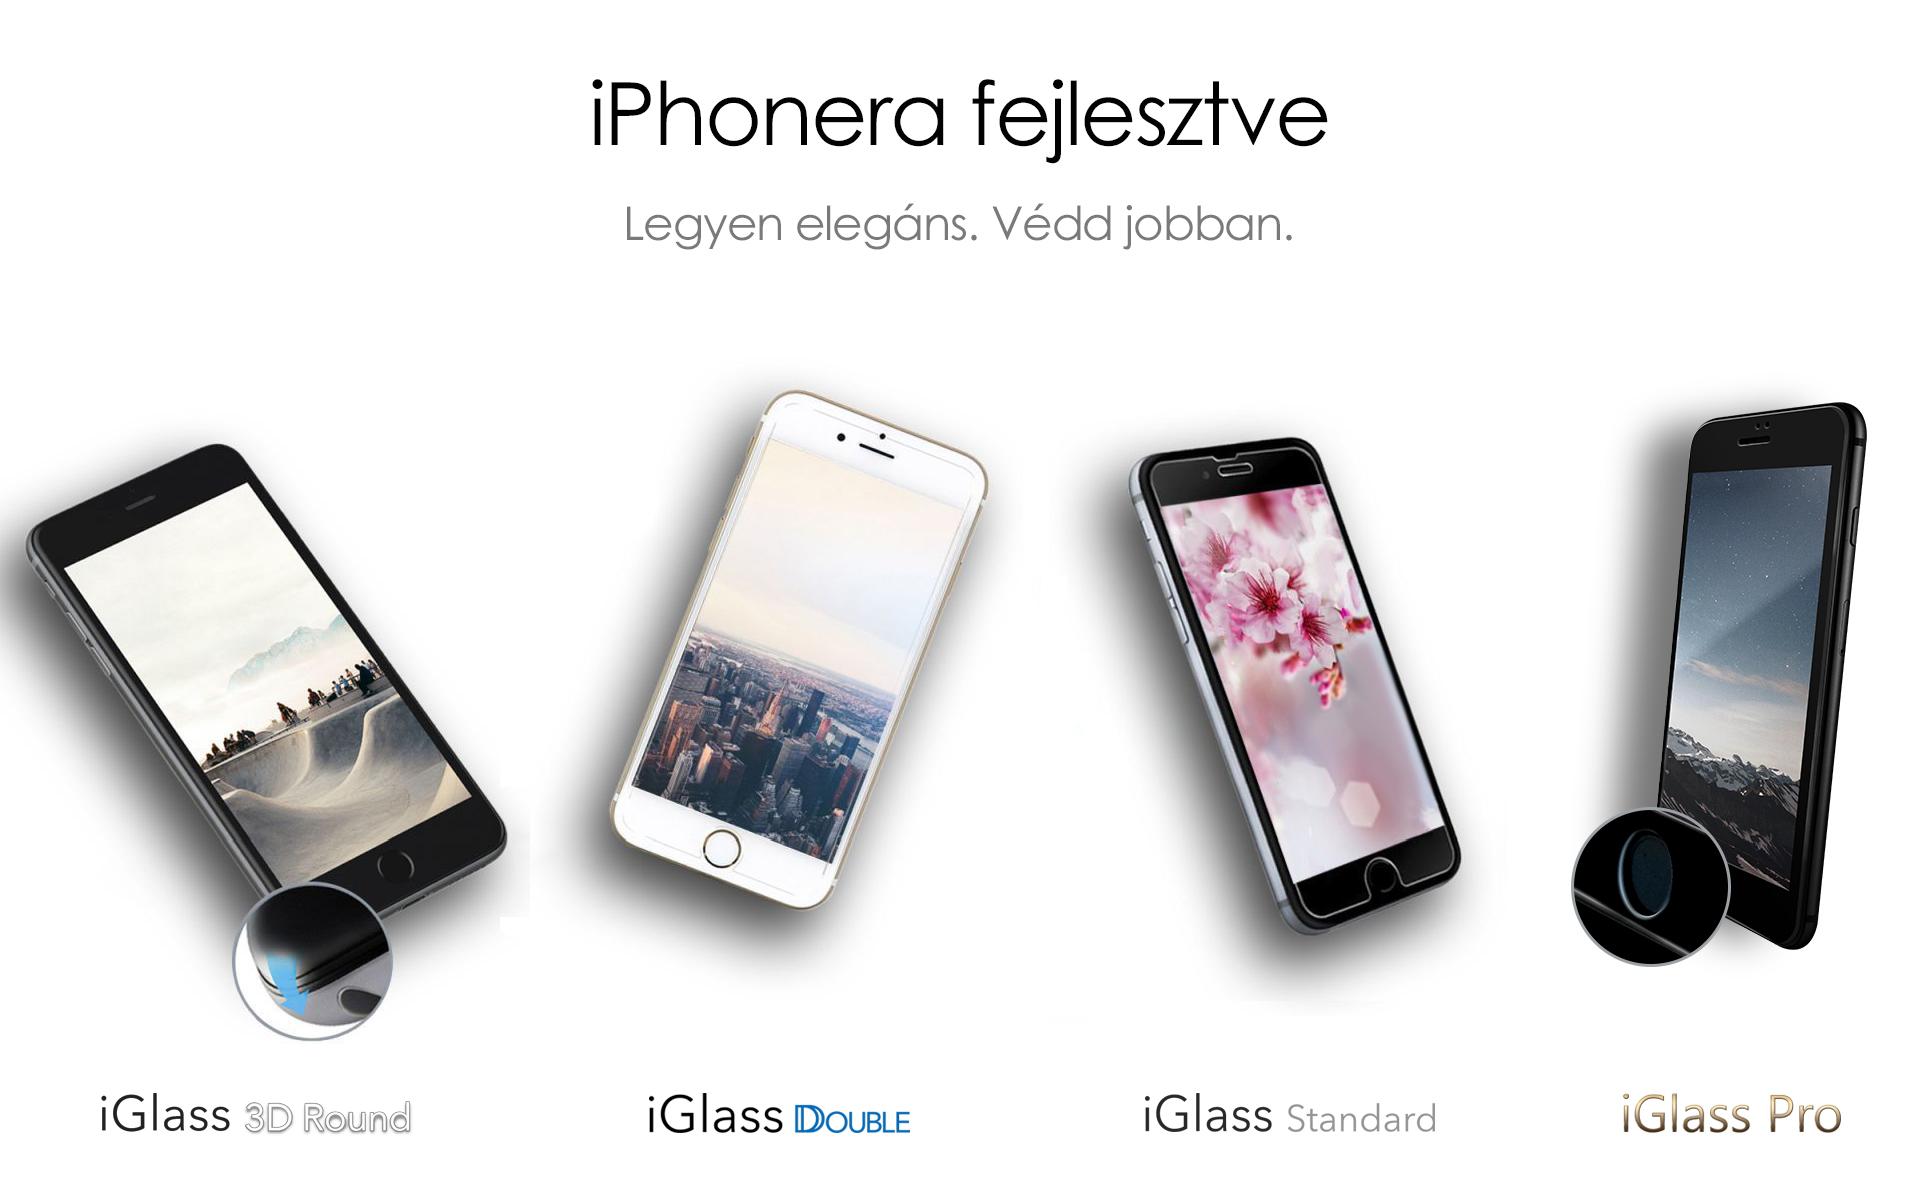 iphonera-fejlesztve-fileminimizer-1.jpg